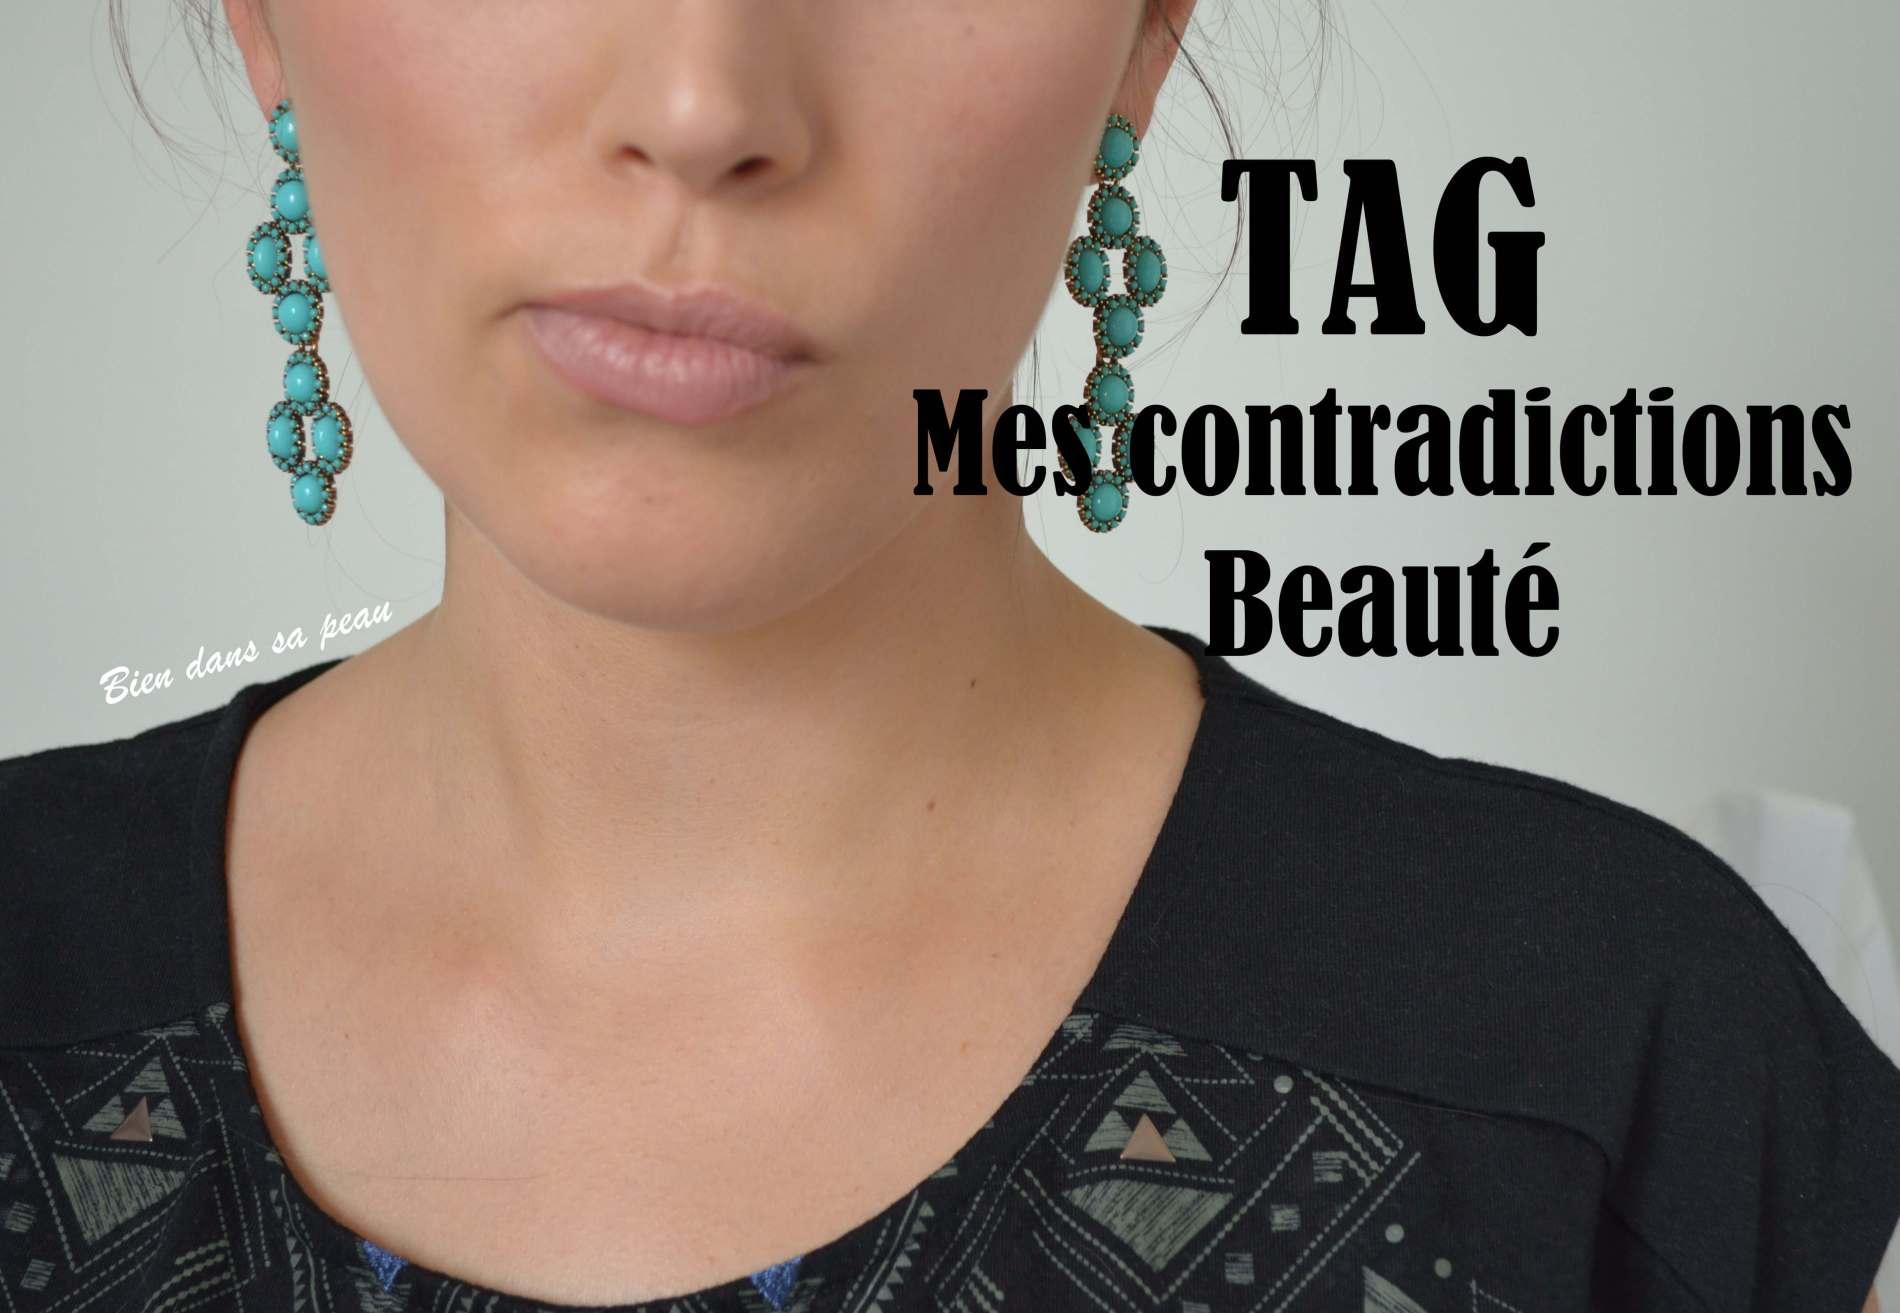 ce tag concerne mes contradictions beauté en vidéo